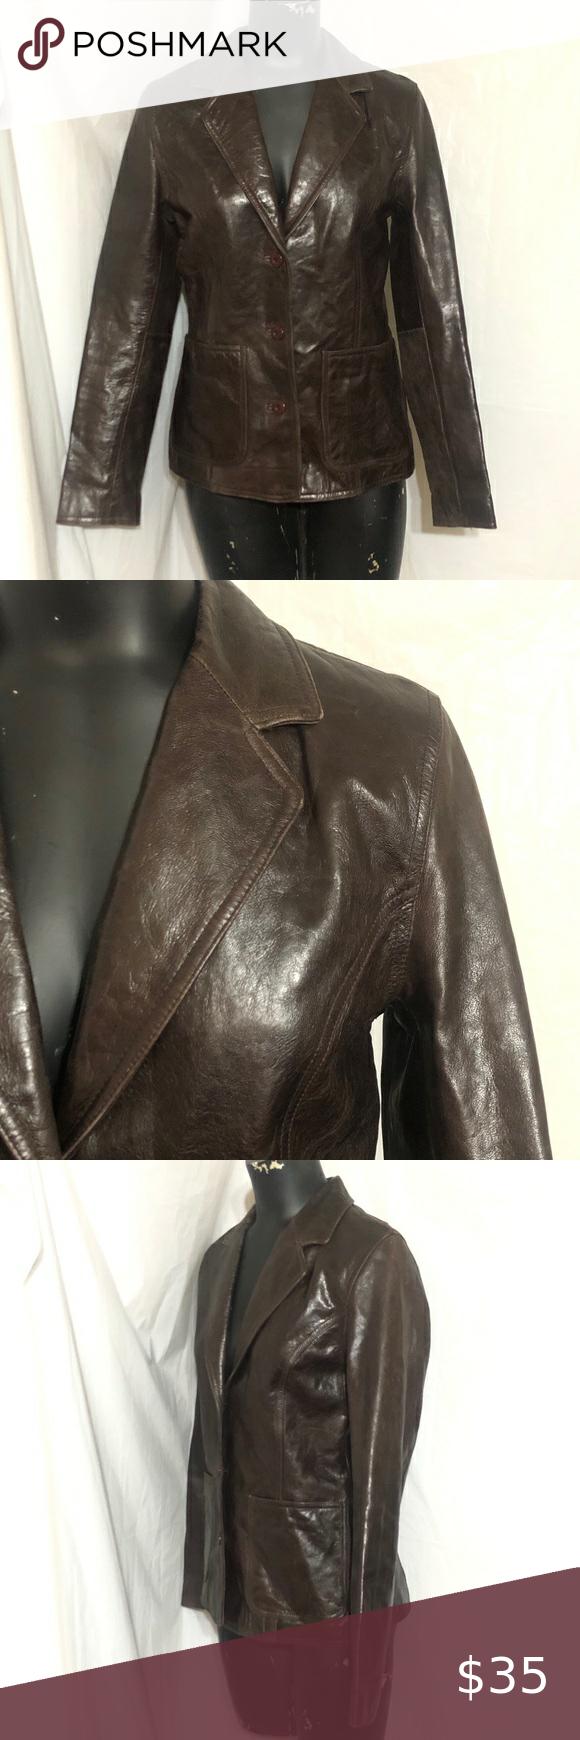 Wilson S Leather Maxima Leather Jacket Size Sml Leather Jacket Wilsons Leather Jacket Black Suede Jacket [ 1740 x 580 Pixel ]